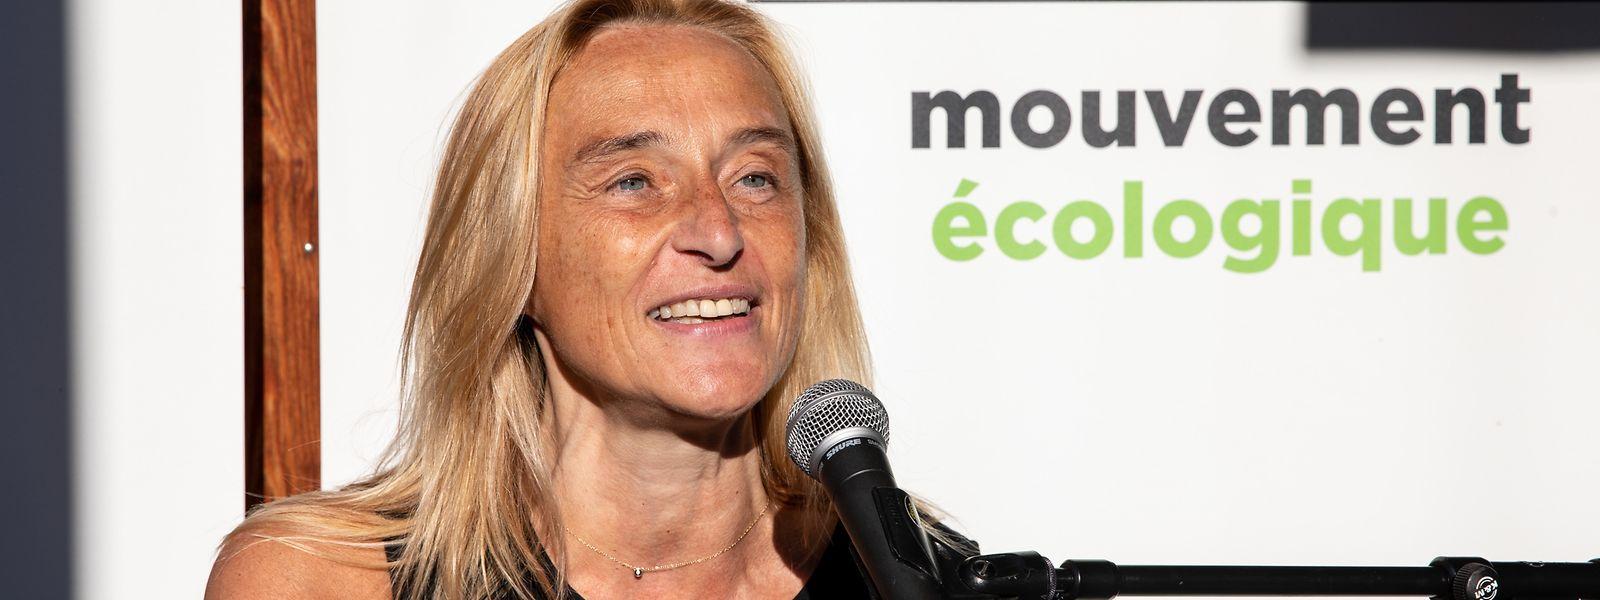 """Mouveco-Präsidentin Blanche Weber gibt die Hoffnung nicht auf, dass die Biodiversitäts- und Klimakrise sich auf ein """"erträgliches Maß begrenzen lässt""""."""